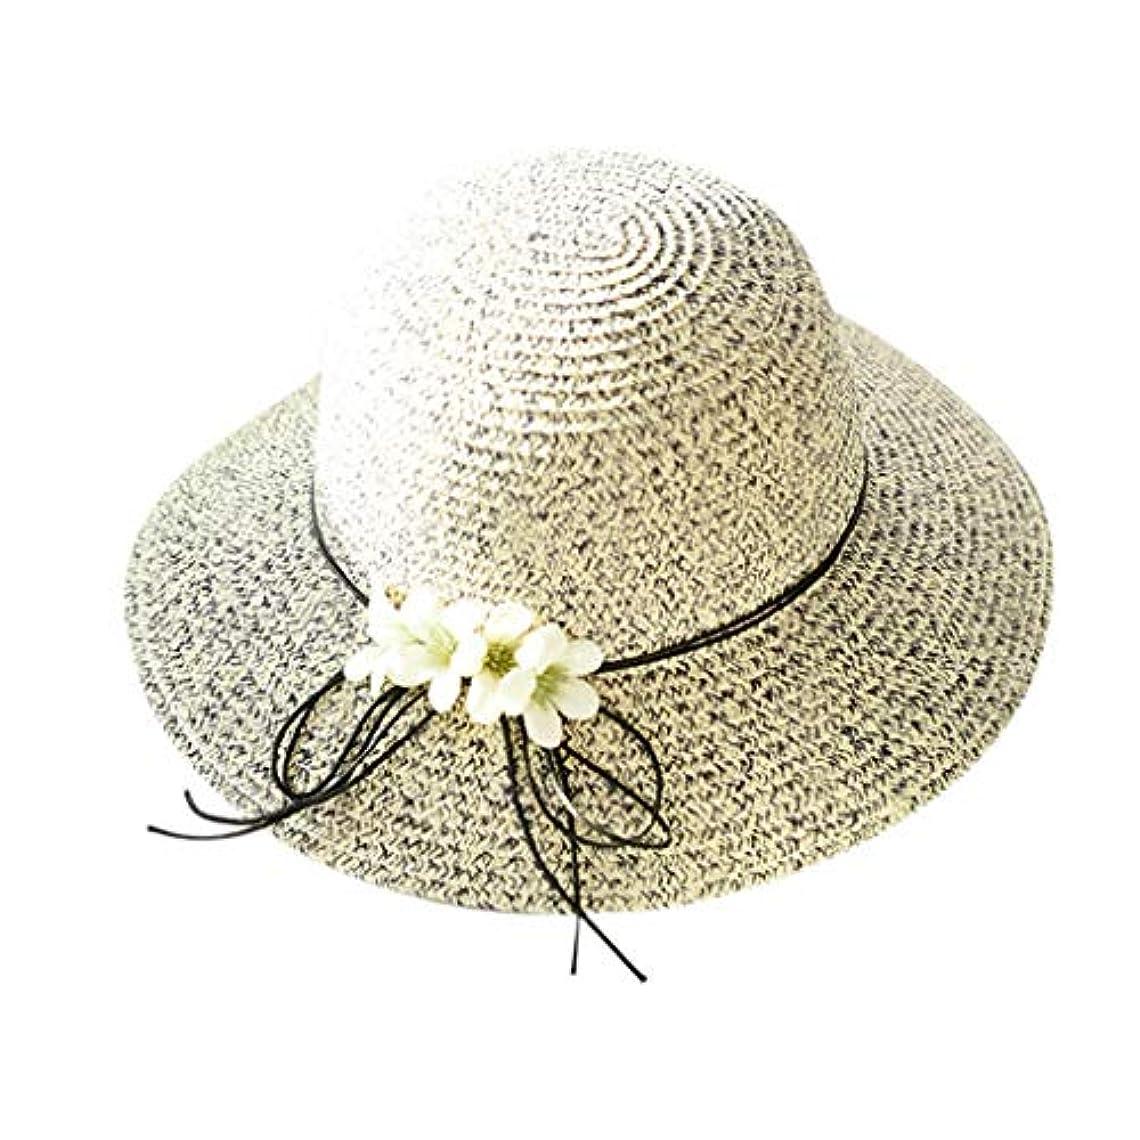 提供する遅れ蓮帽子 レディース 夏 おしゃれ トレンド ファッション エレガント UVカット 帽子 ハット 漁師帽 ワイルド 帽子 レディース 大きいサイズ 森ガール 蝶結び 無地 ビーチ 海辺 かわいい ROSE ROMAN